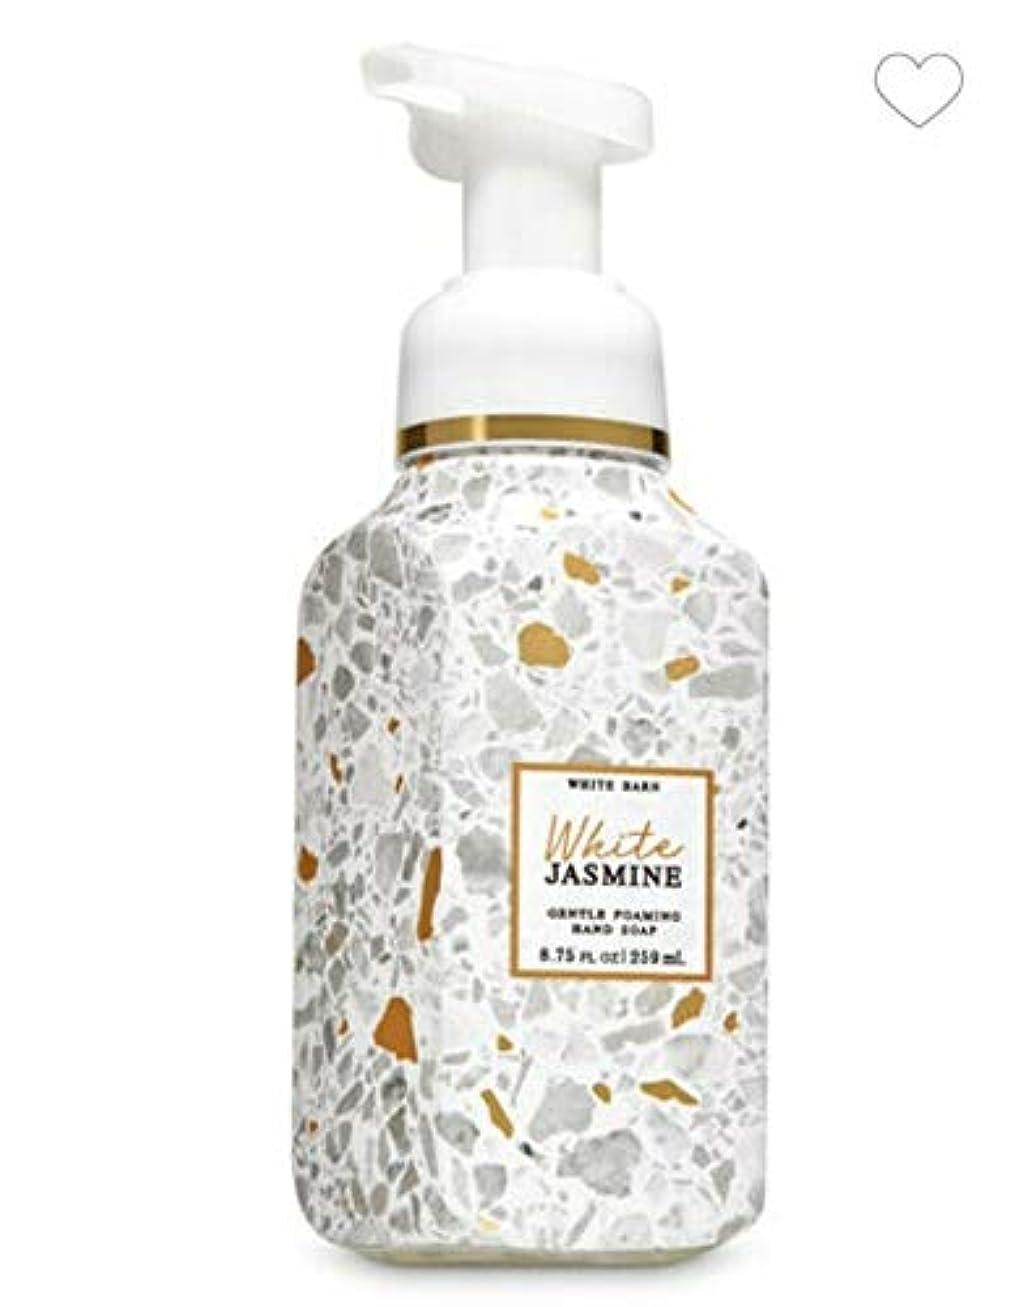 消費抑圧者未就学バス&ボディワークス ホワイトジャスミン ジェントル フォーミング ハンドソープ White Jasmine Gentle Foaming Hand Soap